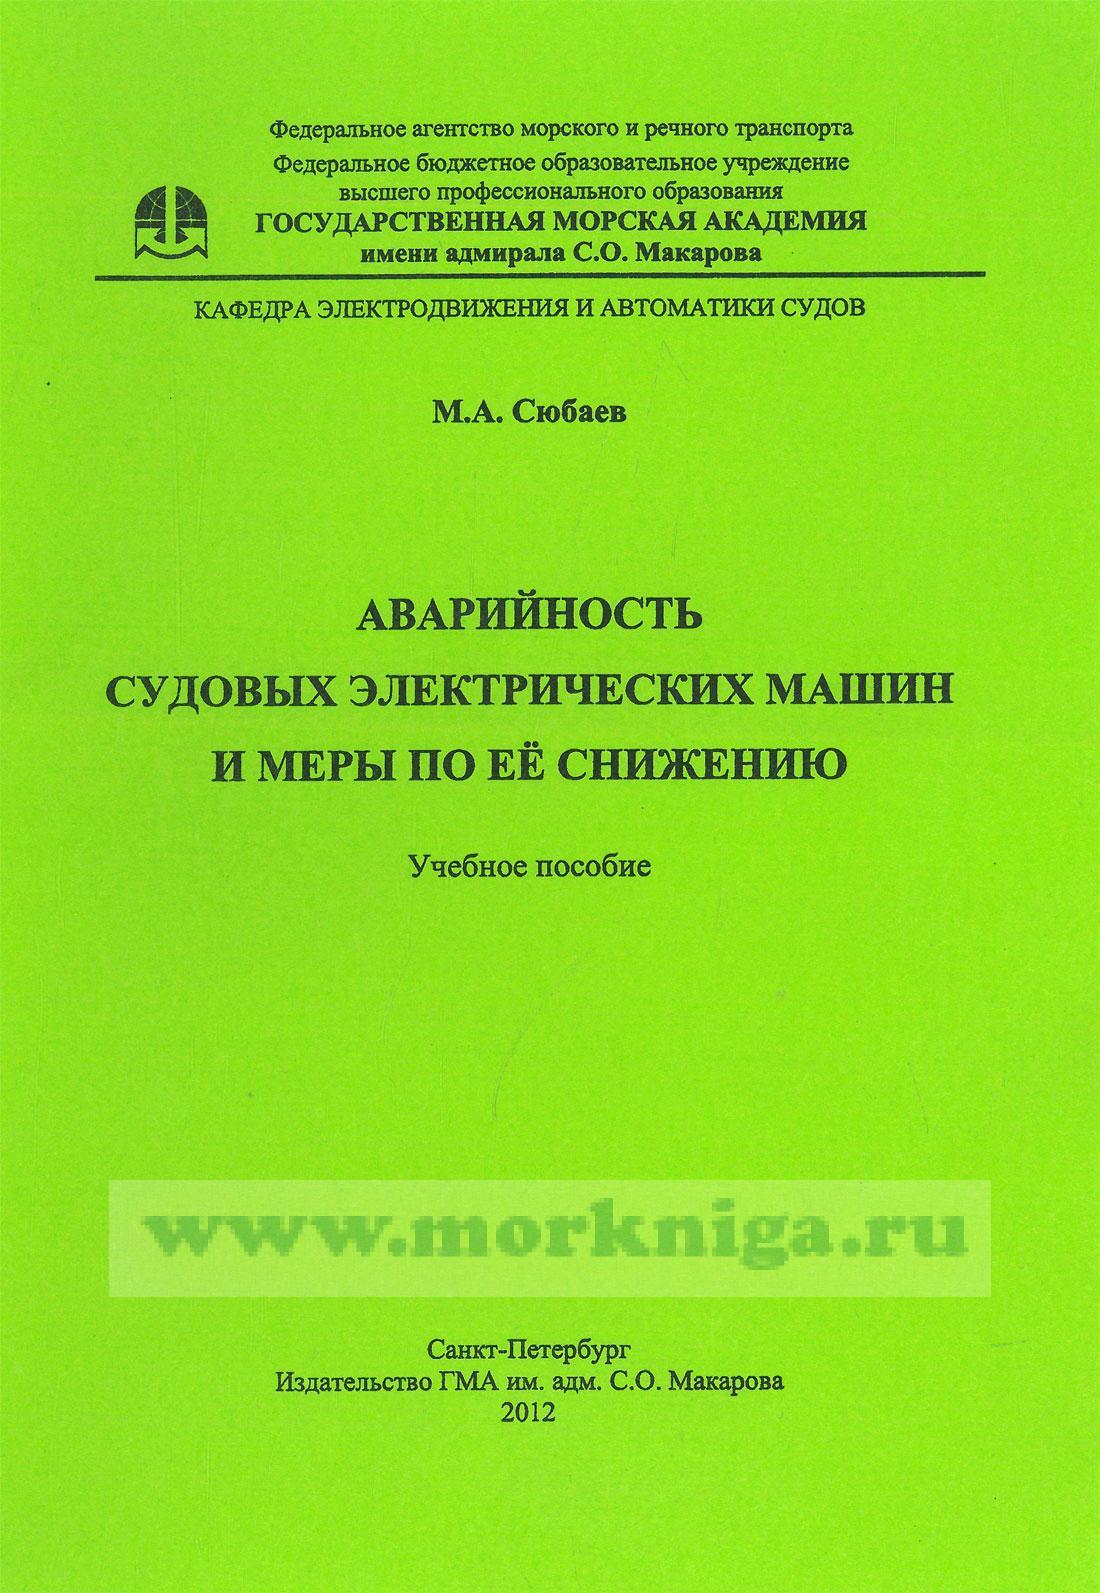 Аварийность судовых электрических машин и меры по ее снижению: учебное пособие